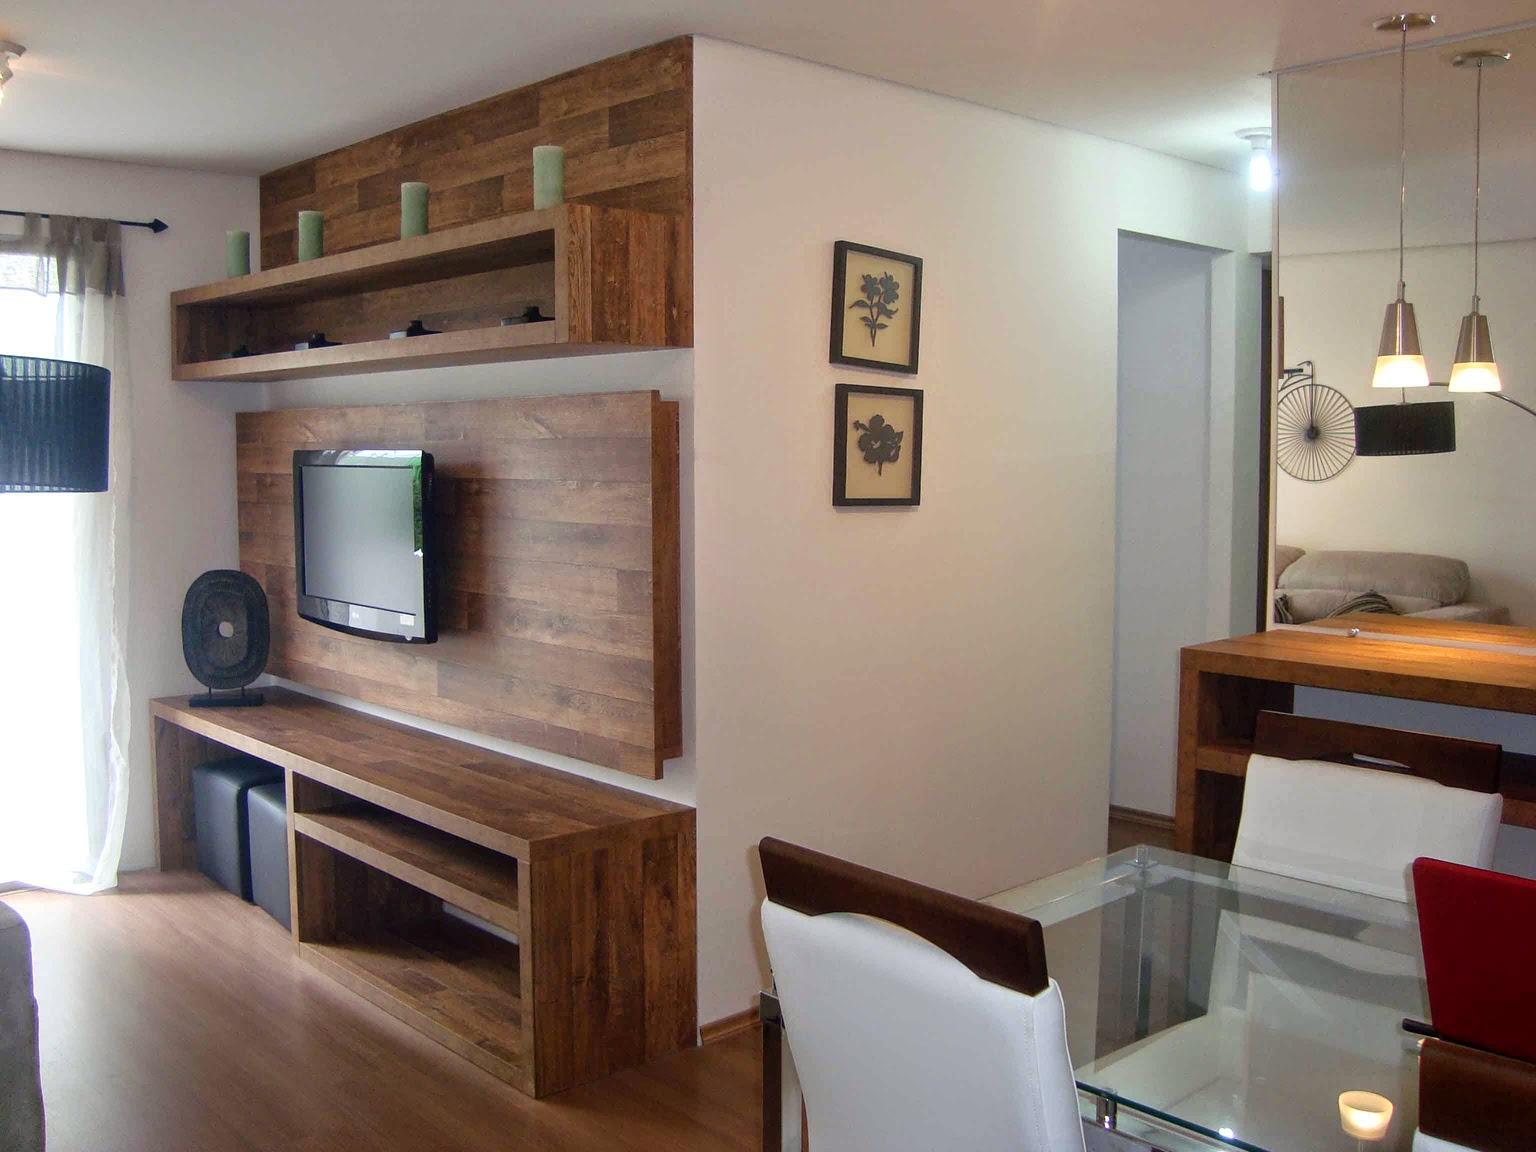 Minhacasanova sala painel de tv raque e estantes for Modelos de apartamentos modernos